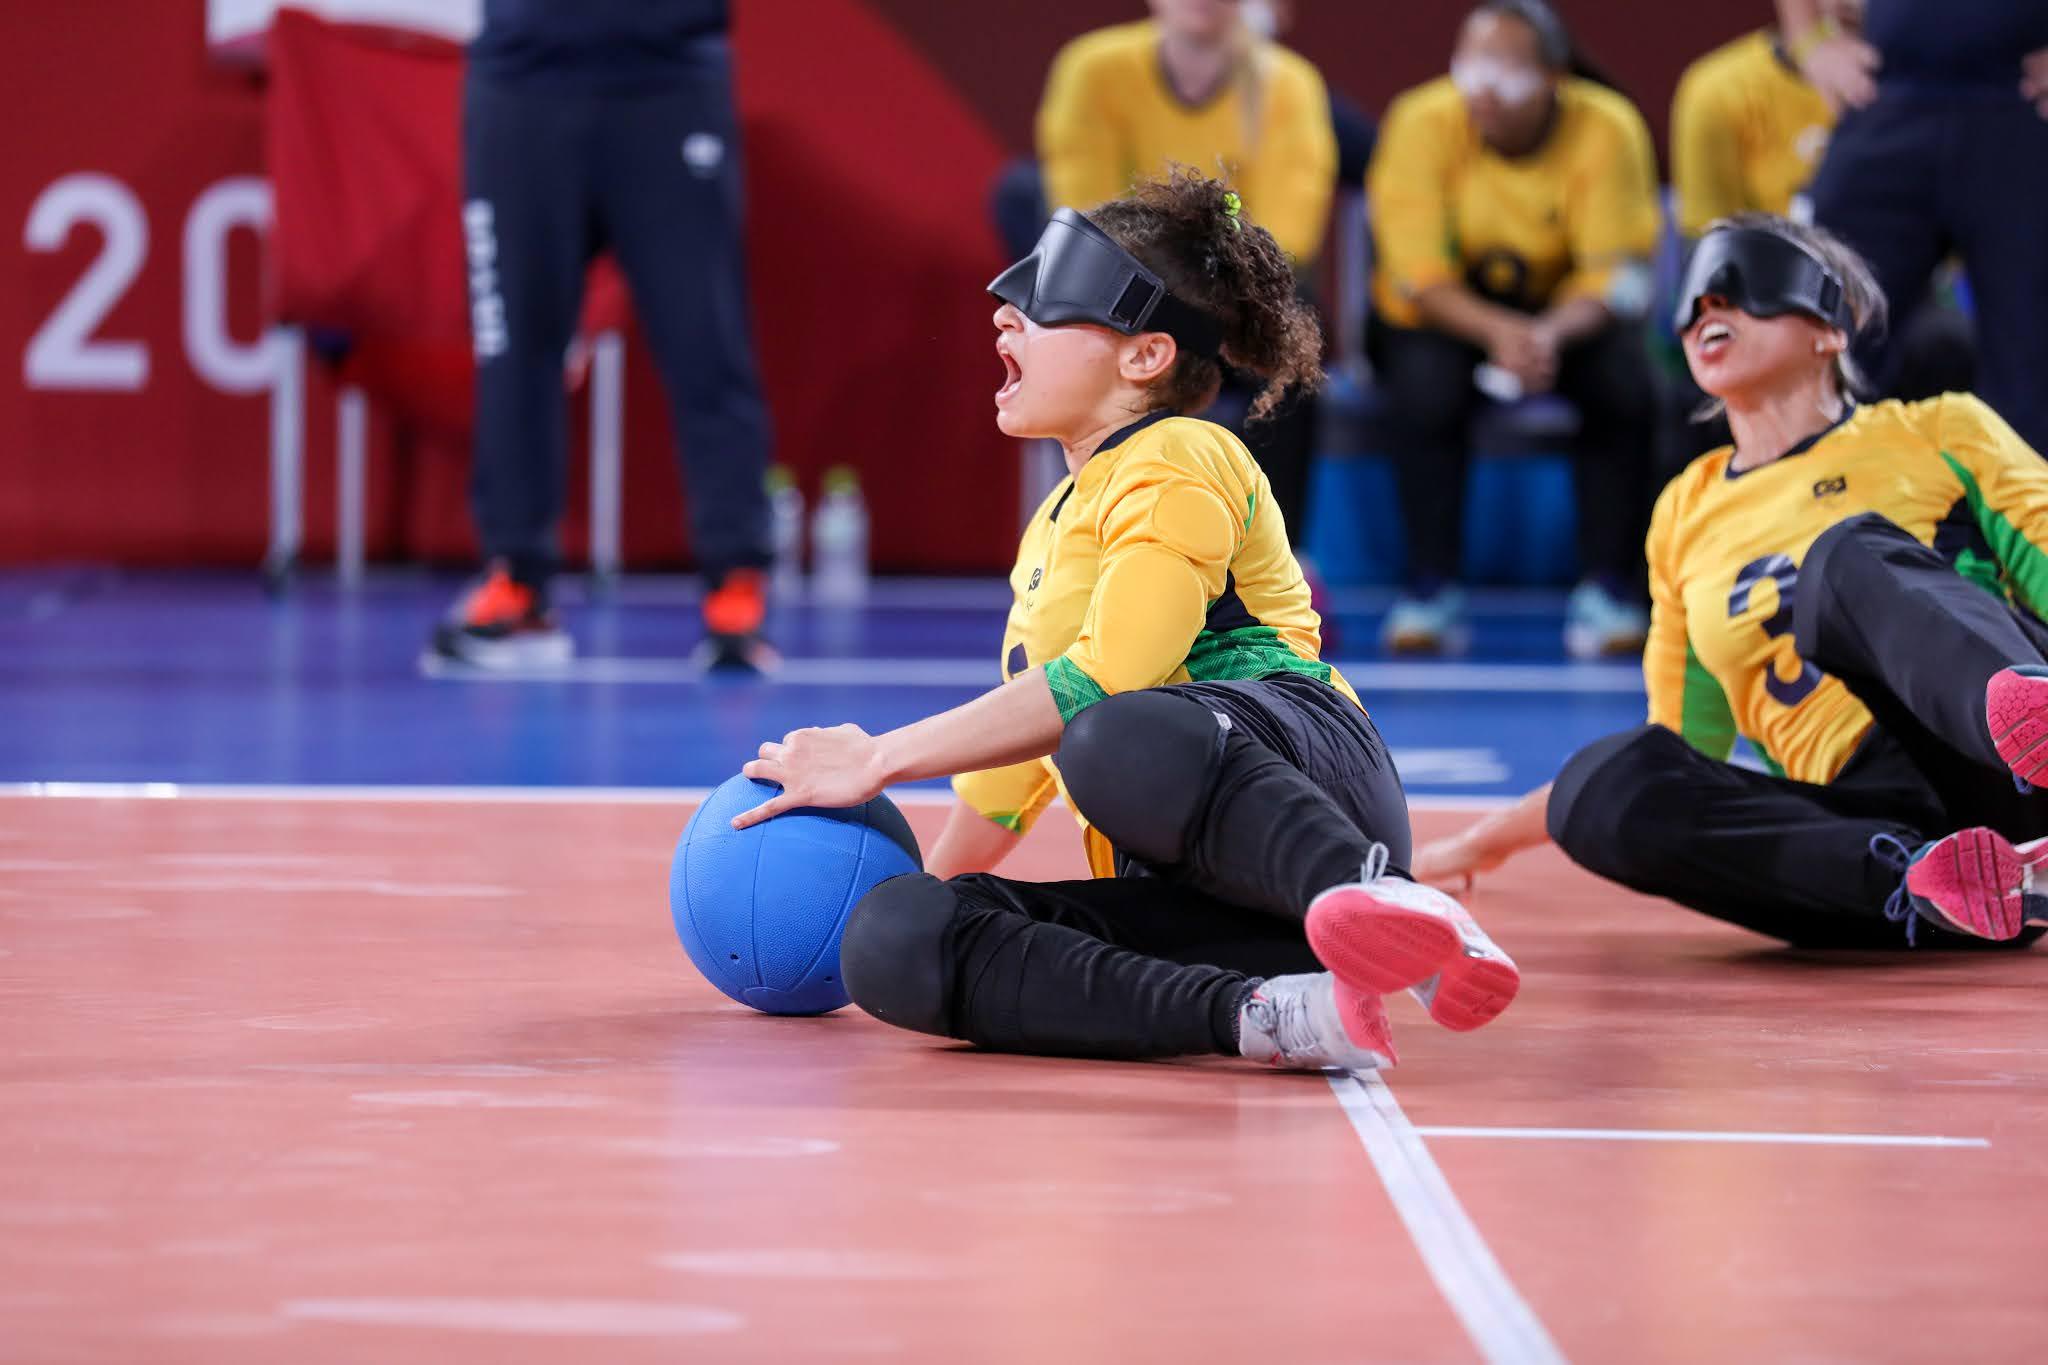 Jogadoras da seleção brasileira de goalball feminino, de uniforme amarelo, deitam no chão e arragam a bola